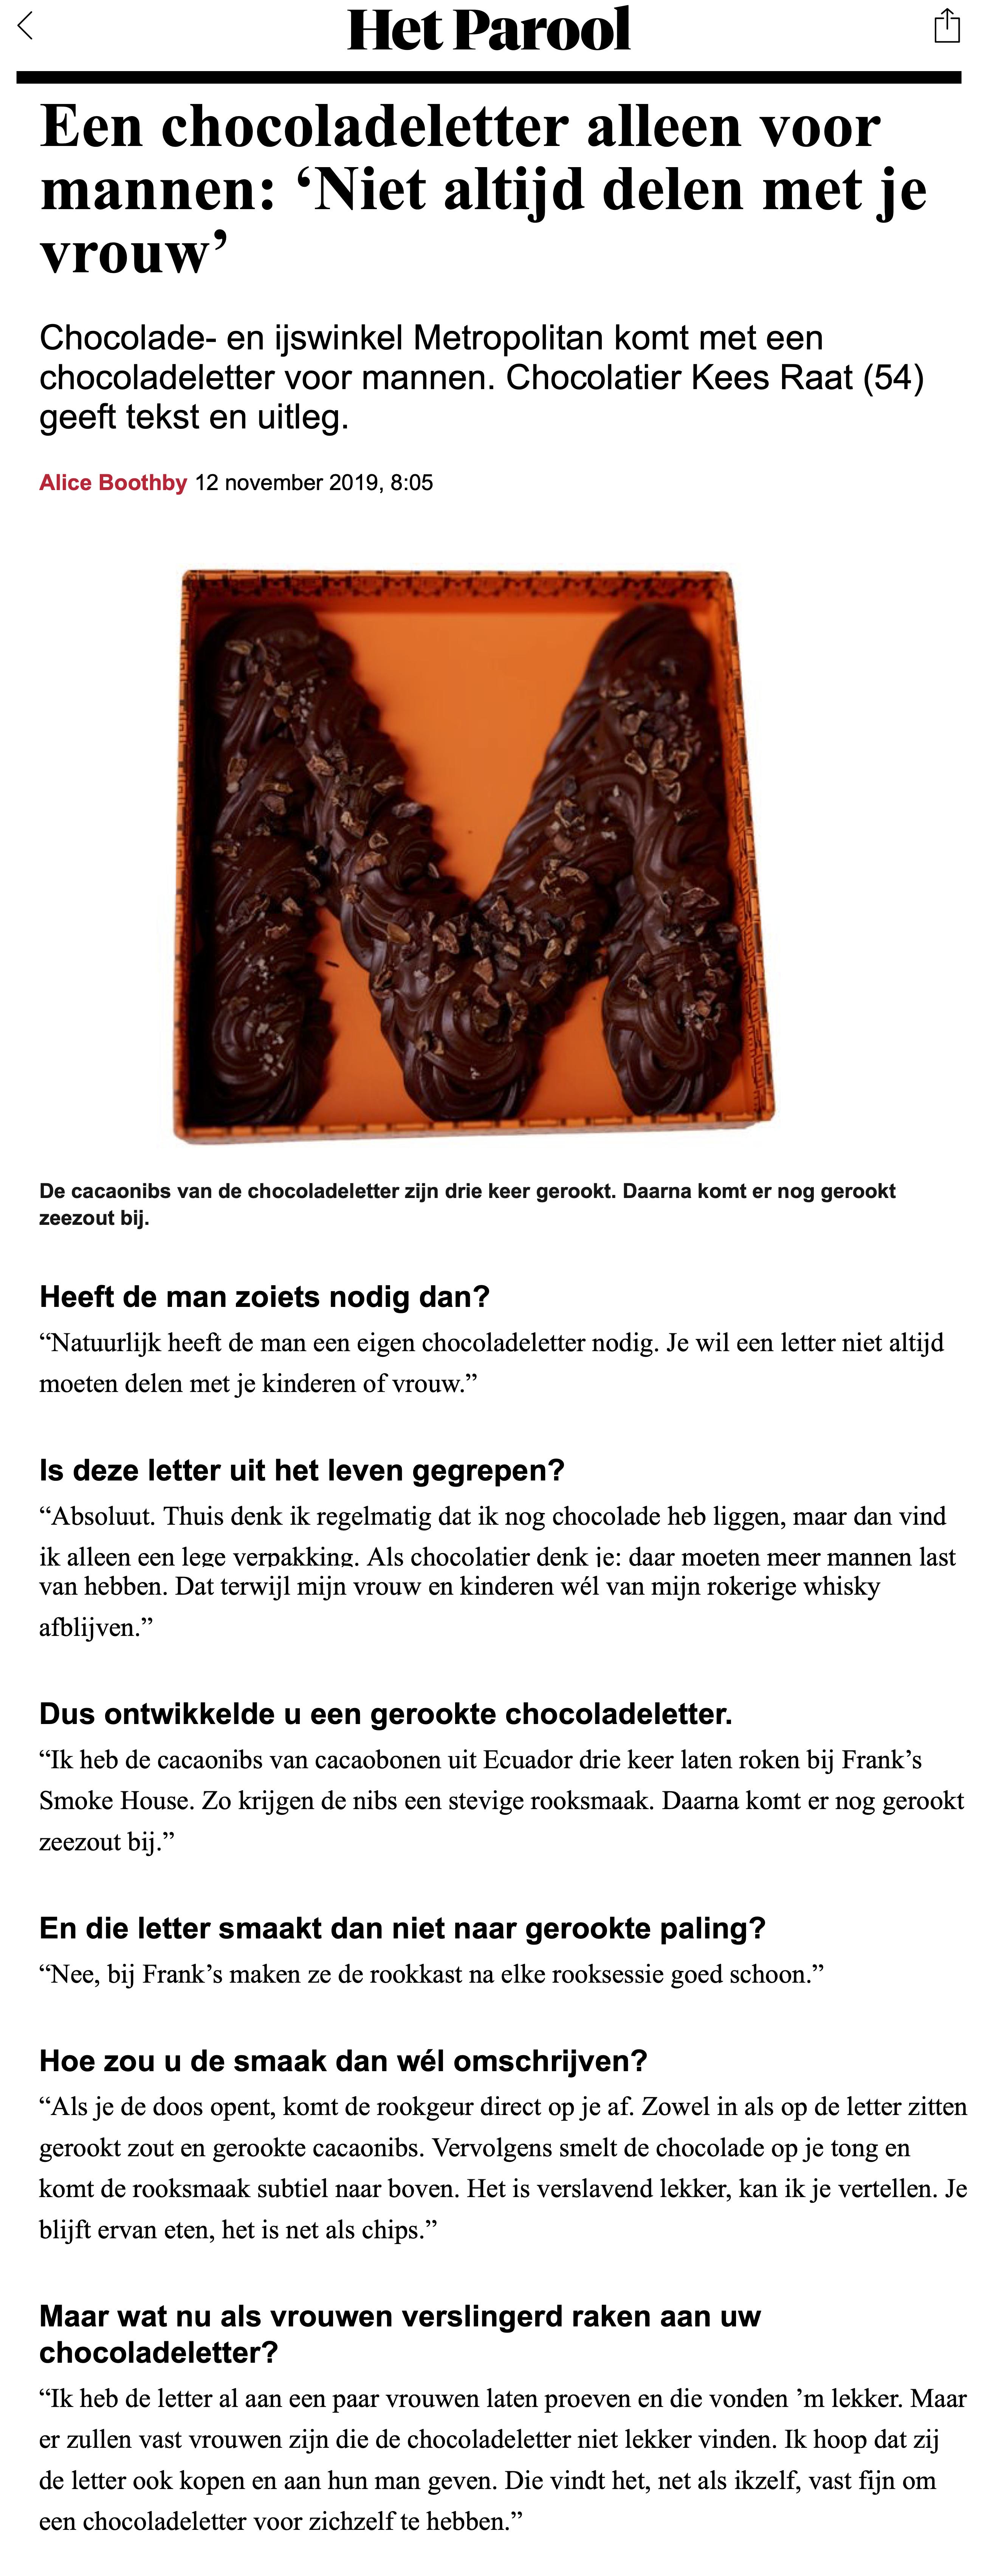 Een chocoladeletter alleen voor mannen- 'Niet altijd delen met je vrouw', het parool